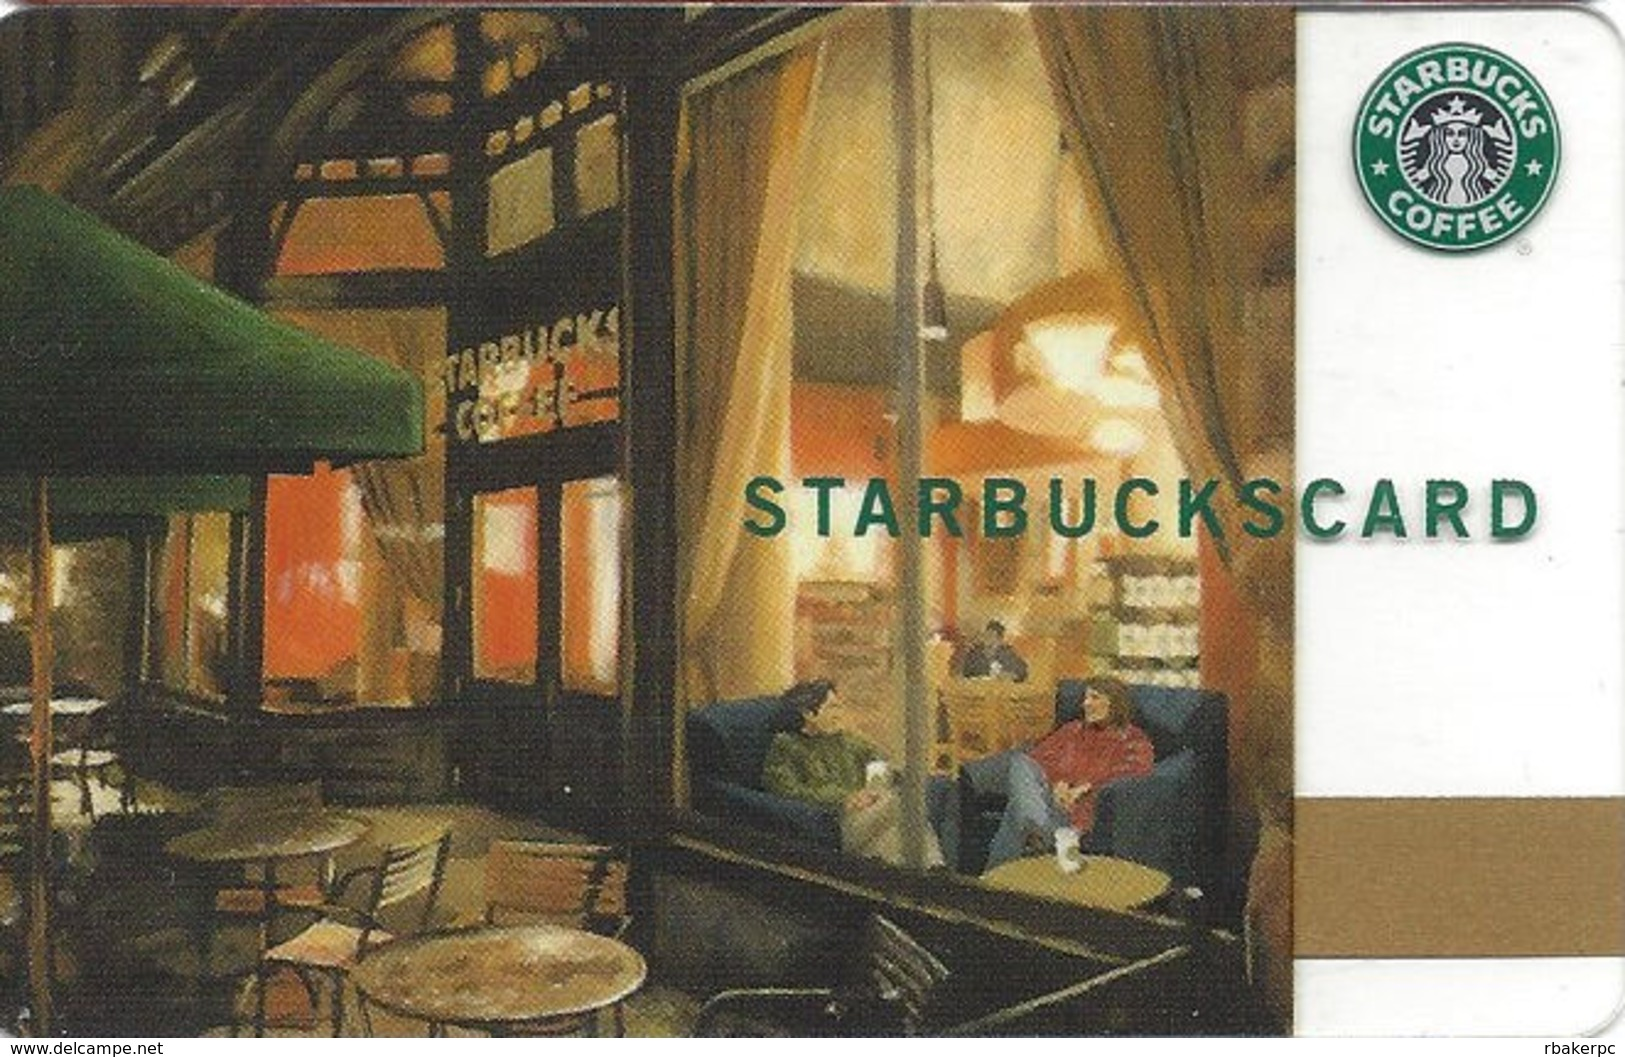 Starbucks Gift Card - Gift Cards